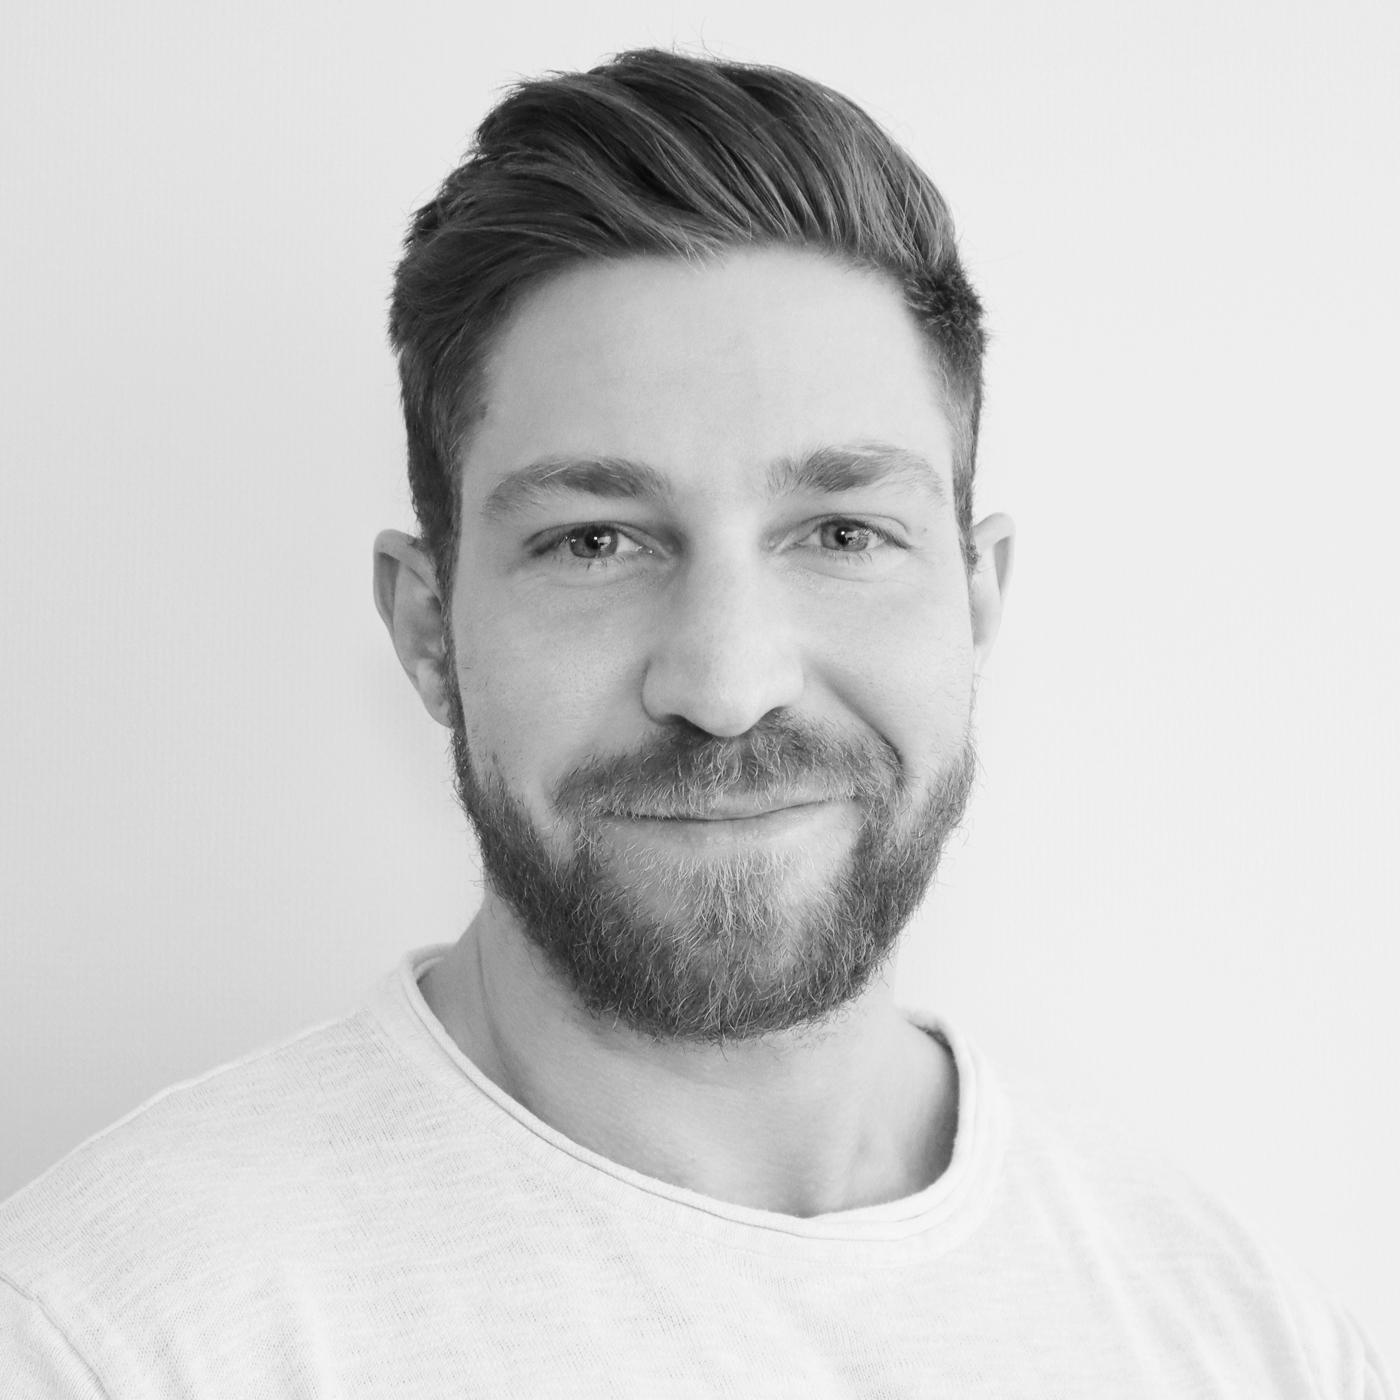 Daniel Bjørnebekk